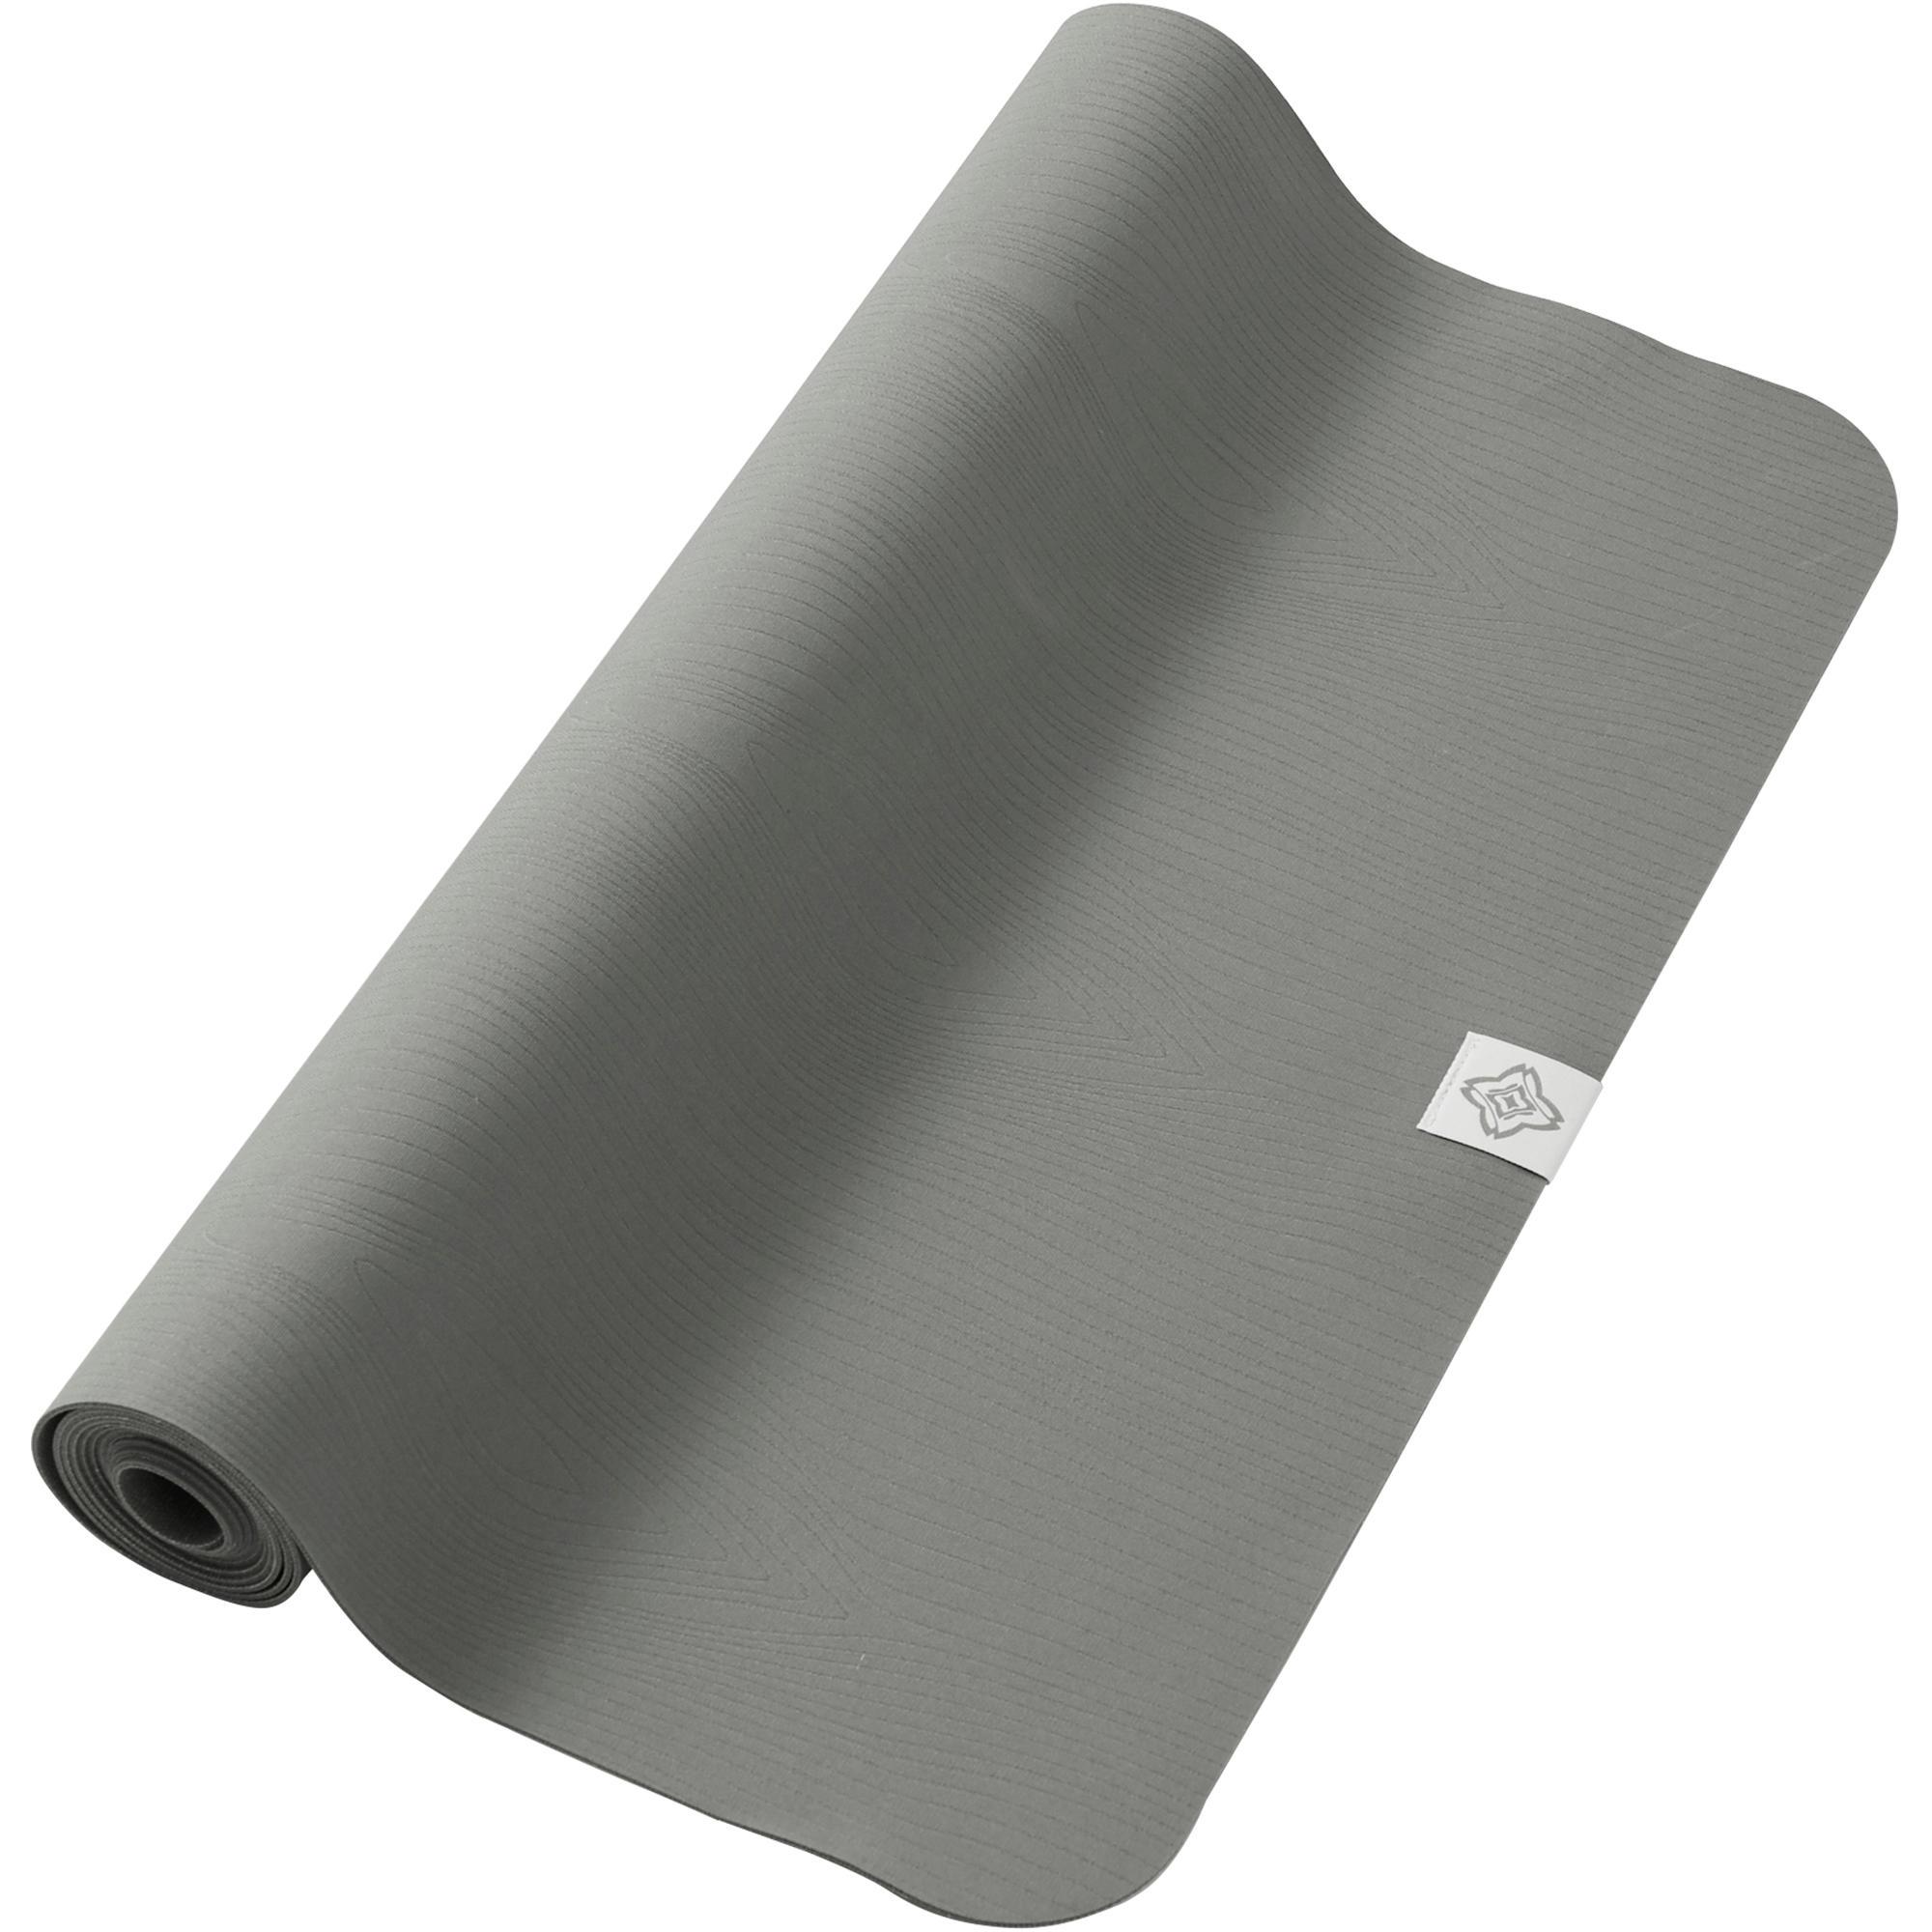 Yogamatte Mattenauflage für unterwegs 1 5 mm beige   03608419339819